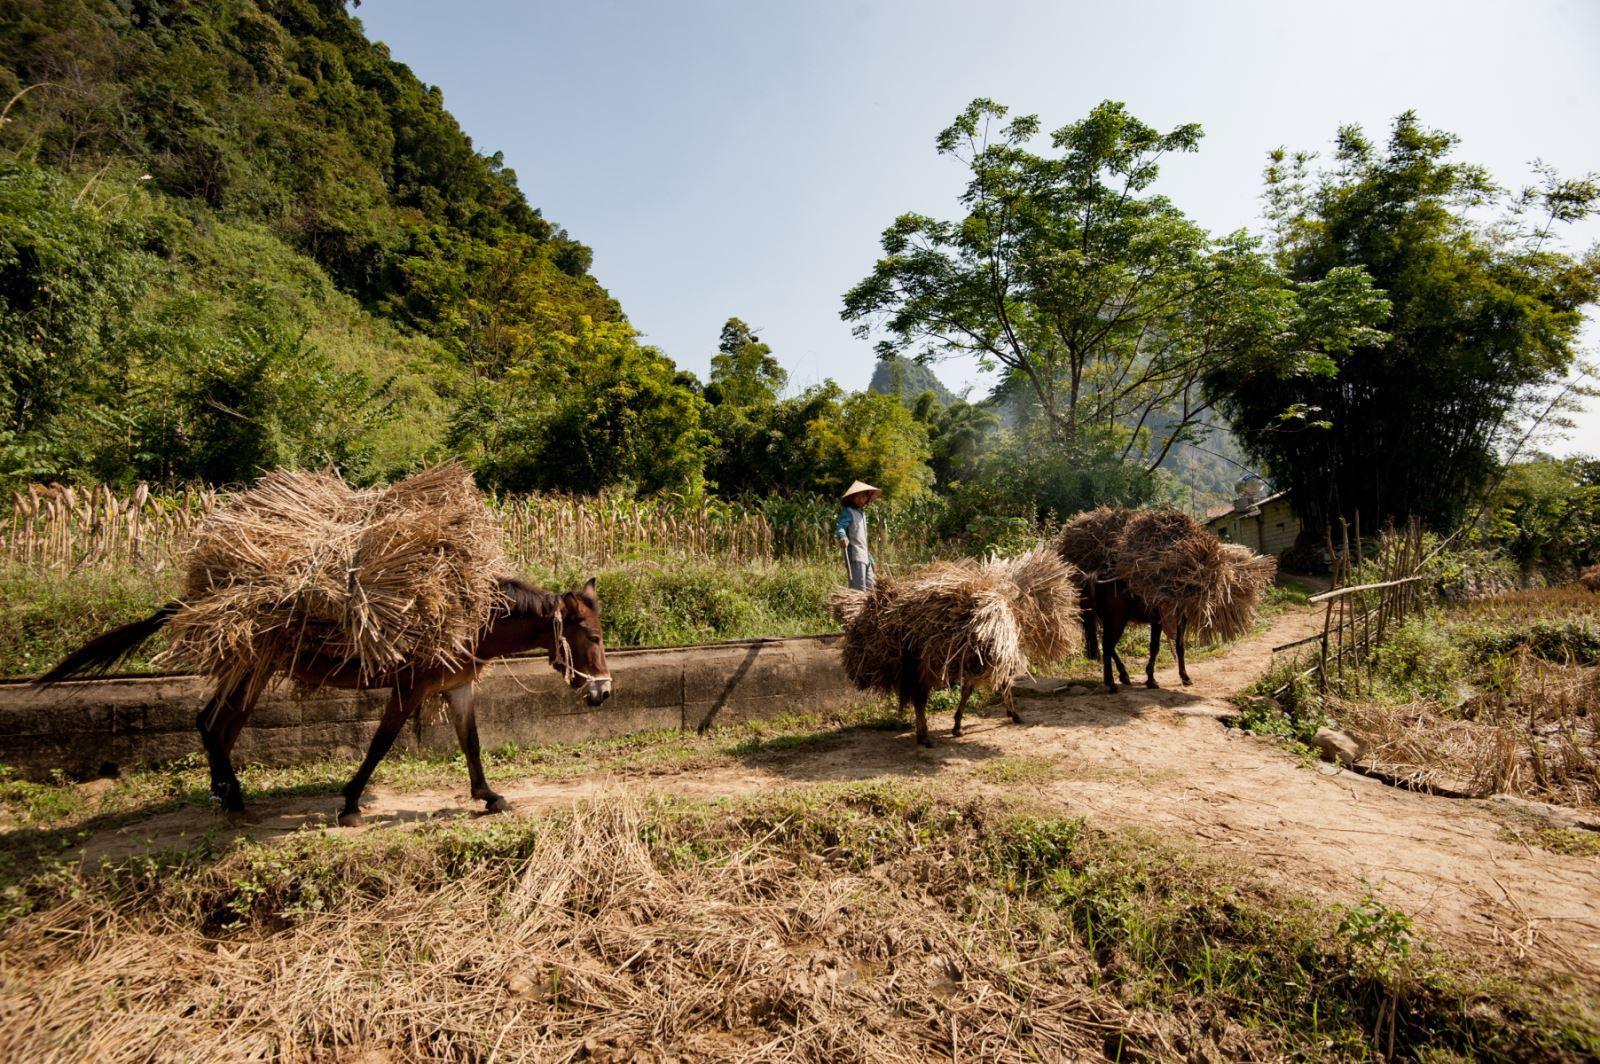 Những con lồ (ngựa) tham gia vào việc vận chuyển rơm rạ giúp bà con nông dân